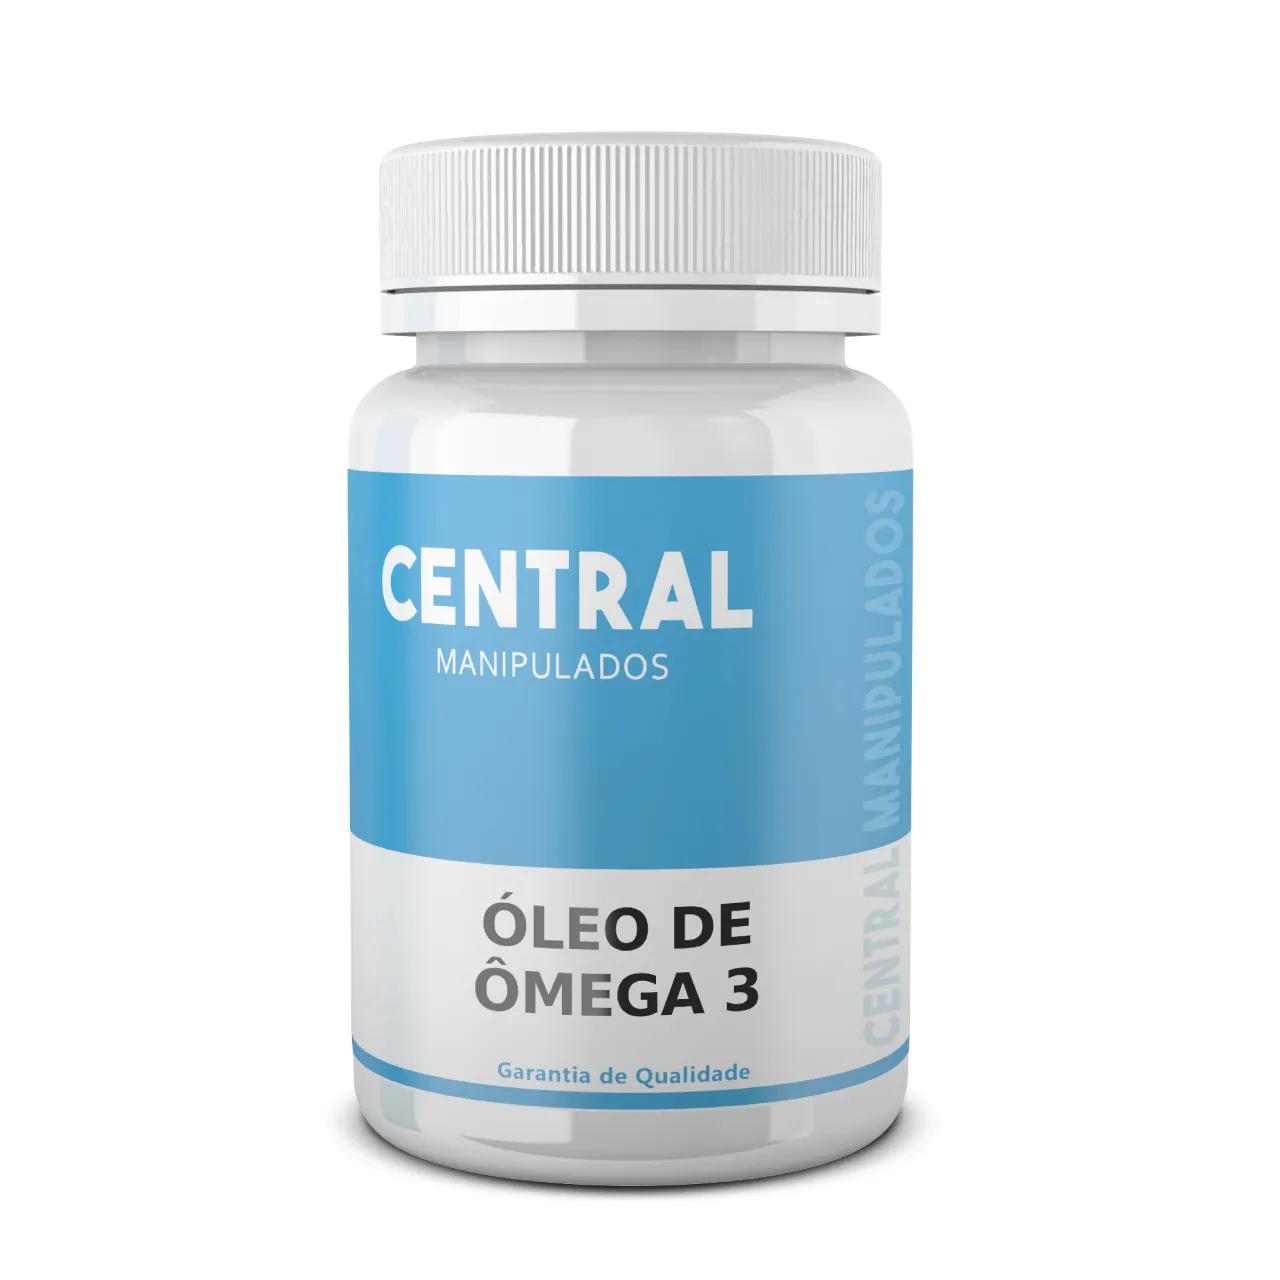 Óleo de Peixe OMEGA 3 - 30 cápsulas - Redução do Colesterol, Antiinflamatório, Efeitos Positivos na Composição Corporal